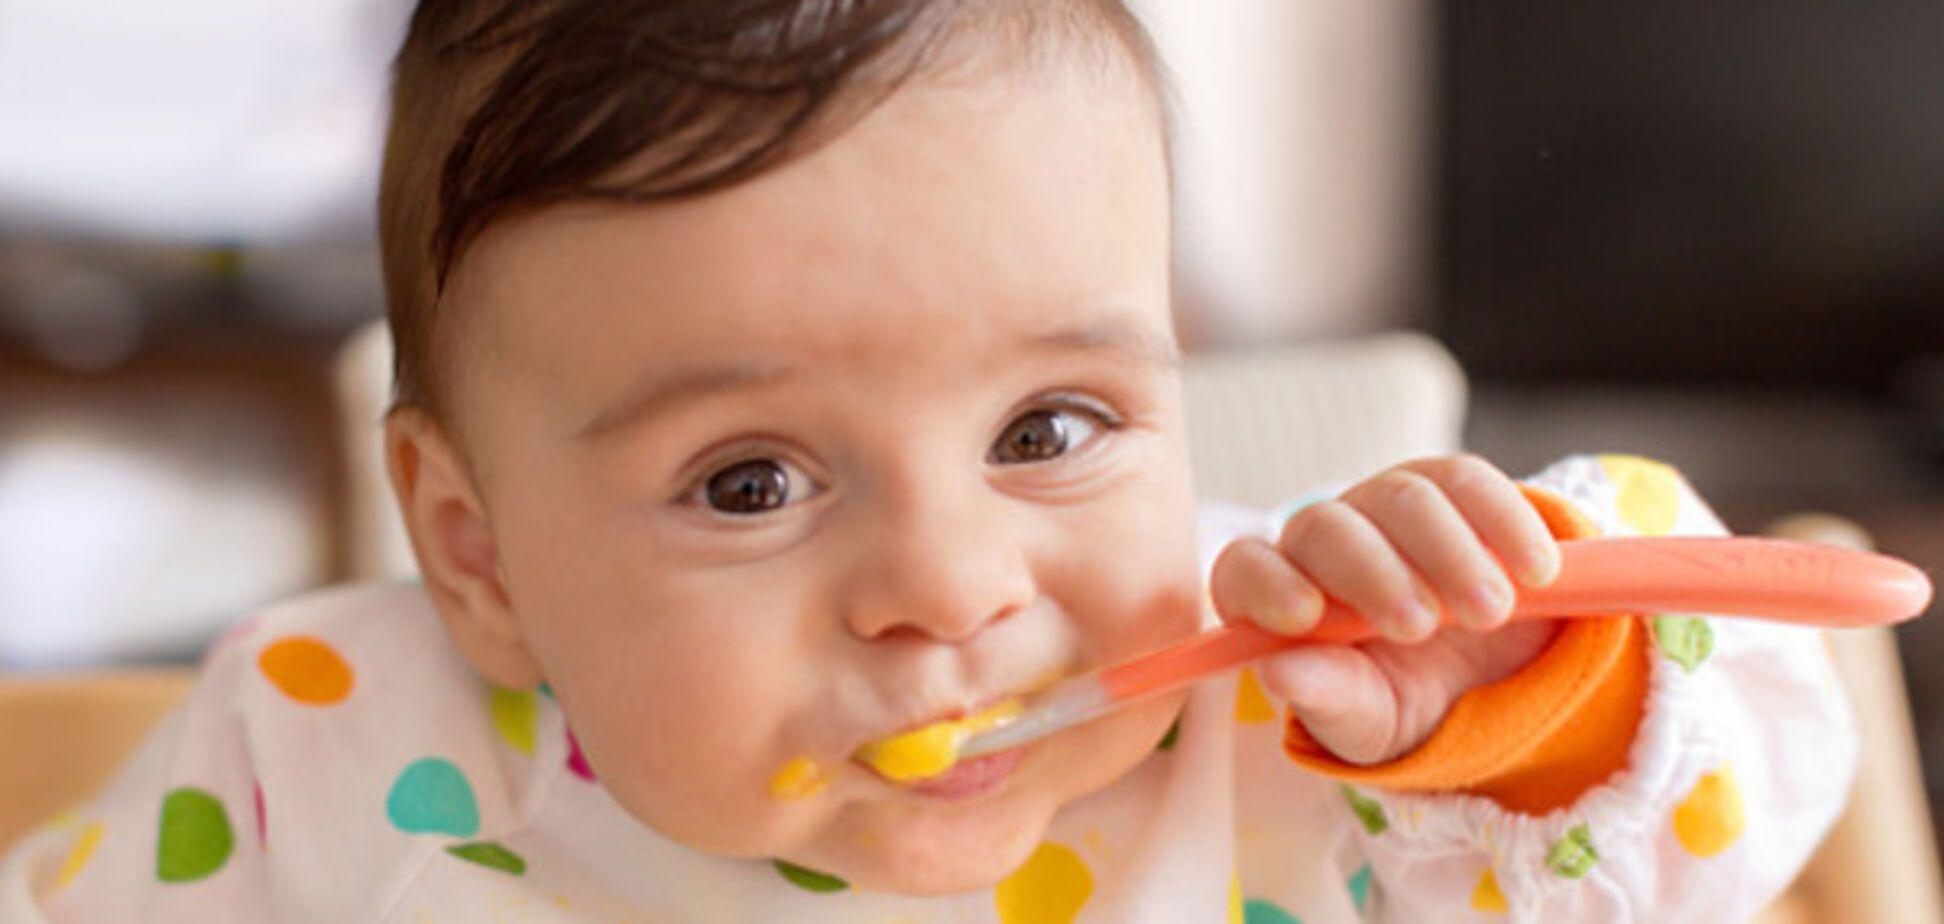 Доктор Комаровський про дитяче харчування: покупне чи домашнє, що обрати